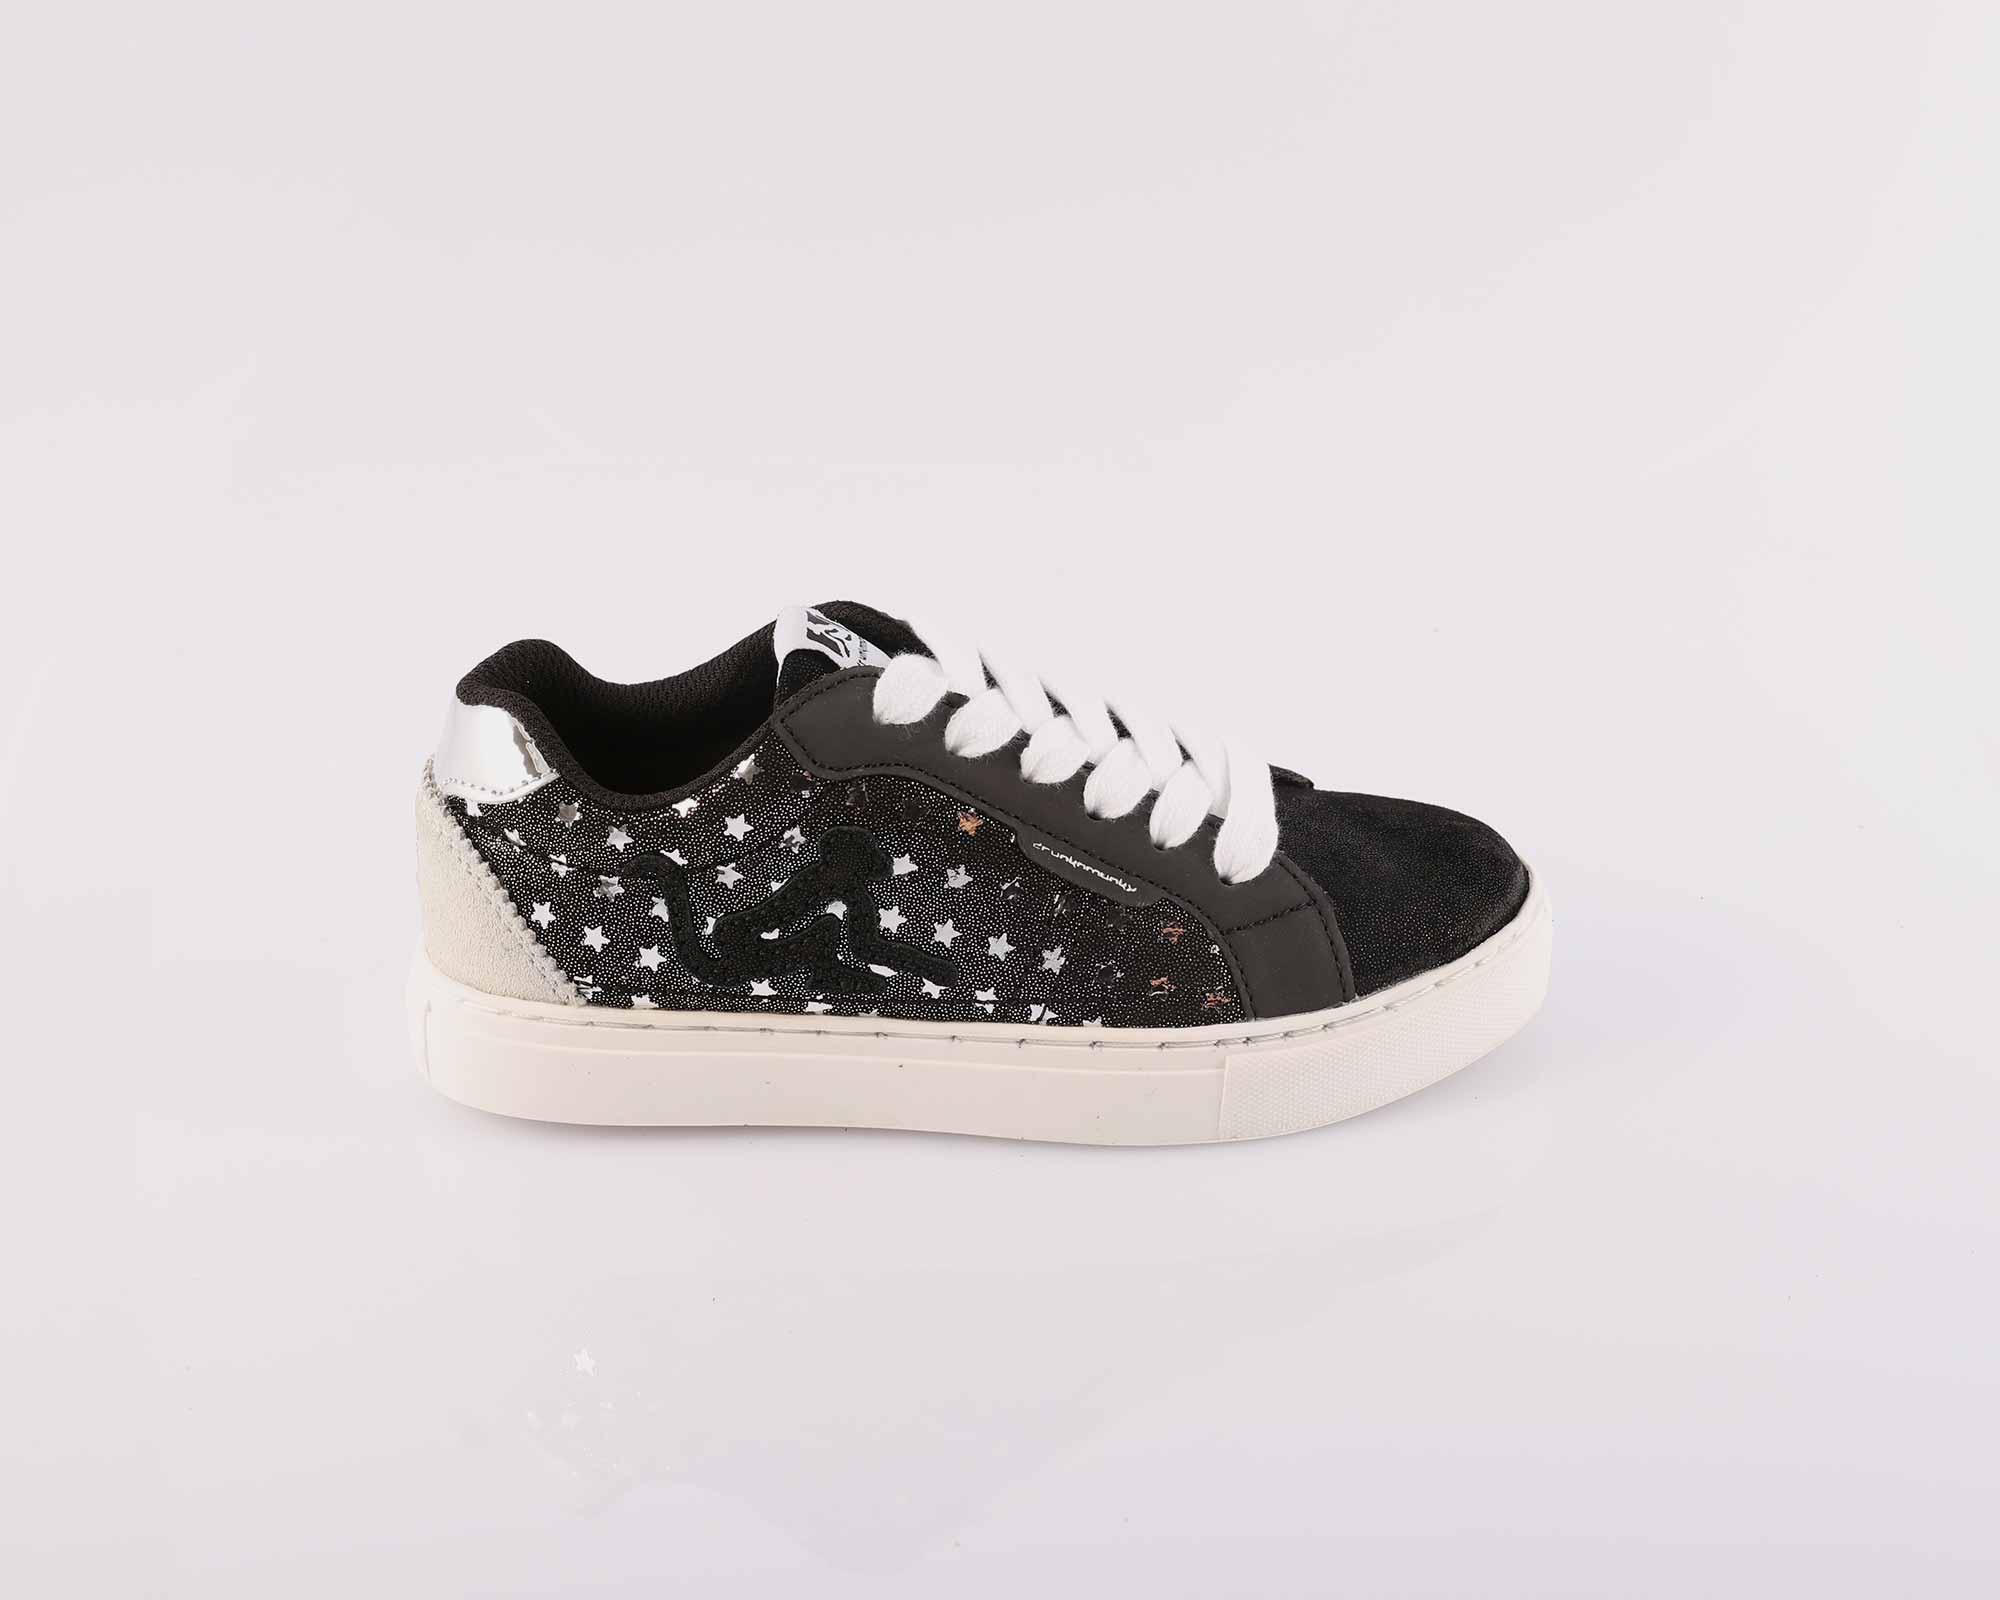 drunknmunky-sneakers-nashville-str-black-b71-nuova-collezione-saldi-sconti-offerte-lombardia-veneto-trentino-piemonte-liguria-emilia-toscana-campania-puglia-basilicata-sardegna-sicilia